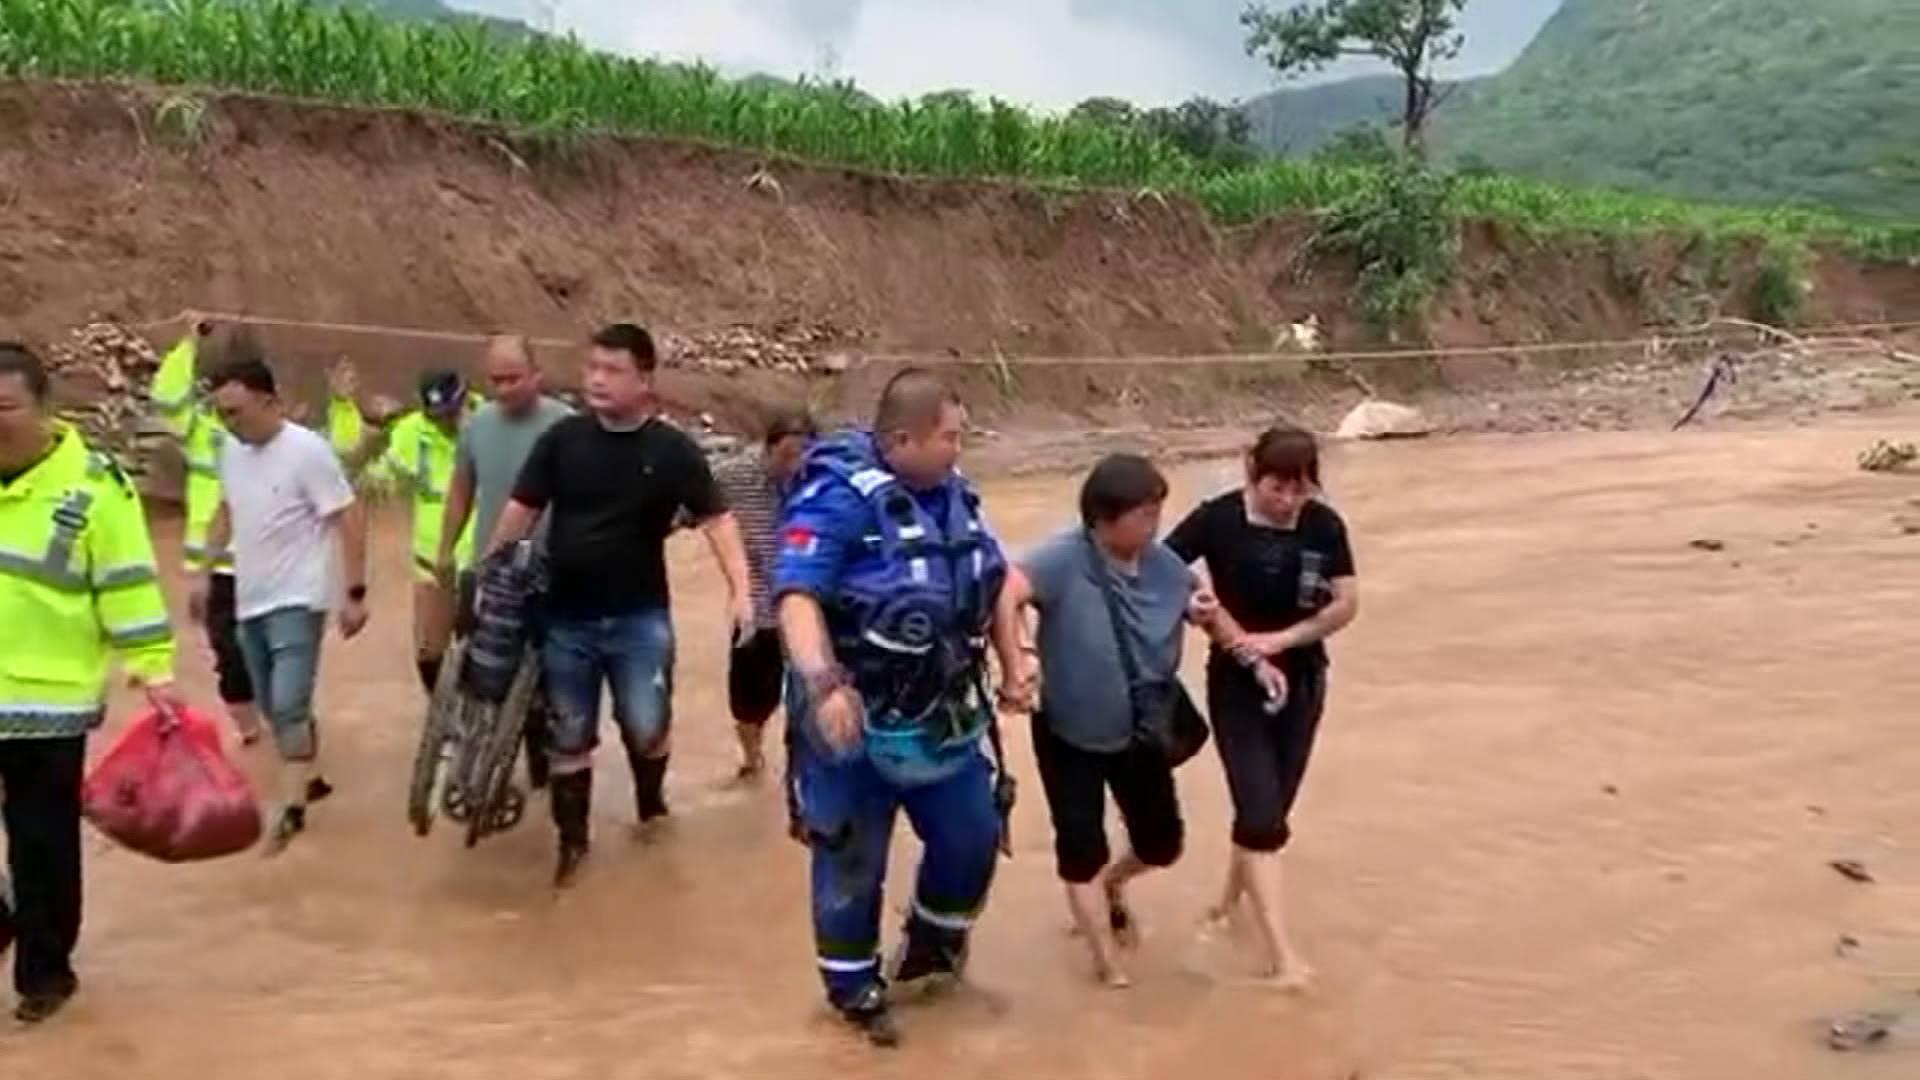 山羊也不落下!山东蓝天救援队在郑州新密市一村庄救下了这些生命财产